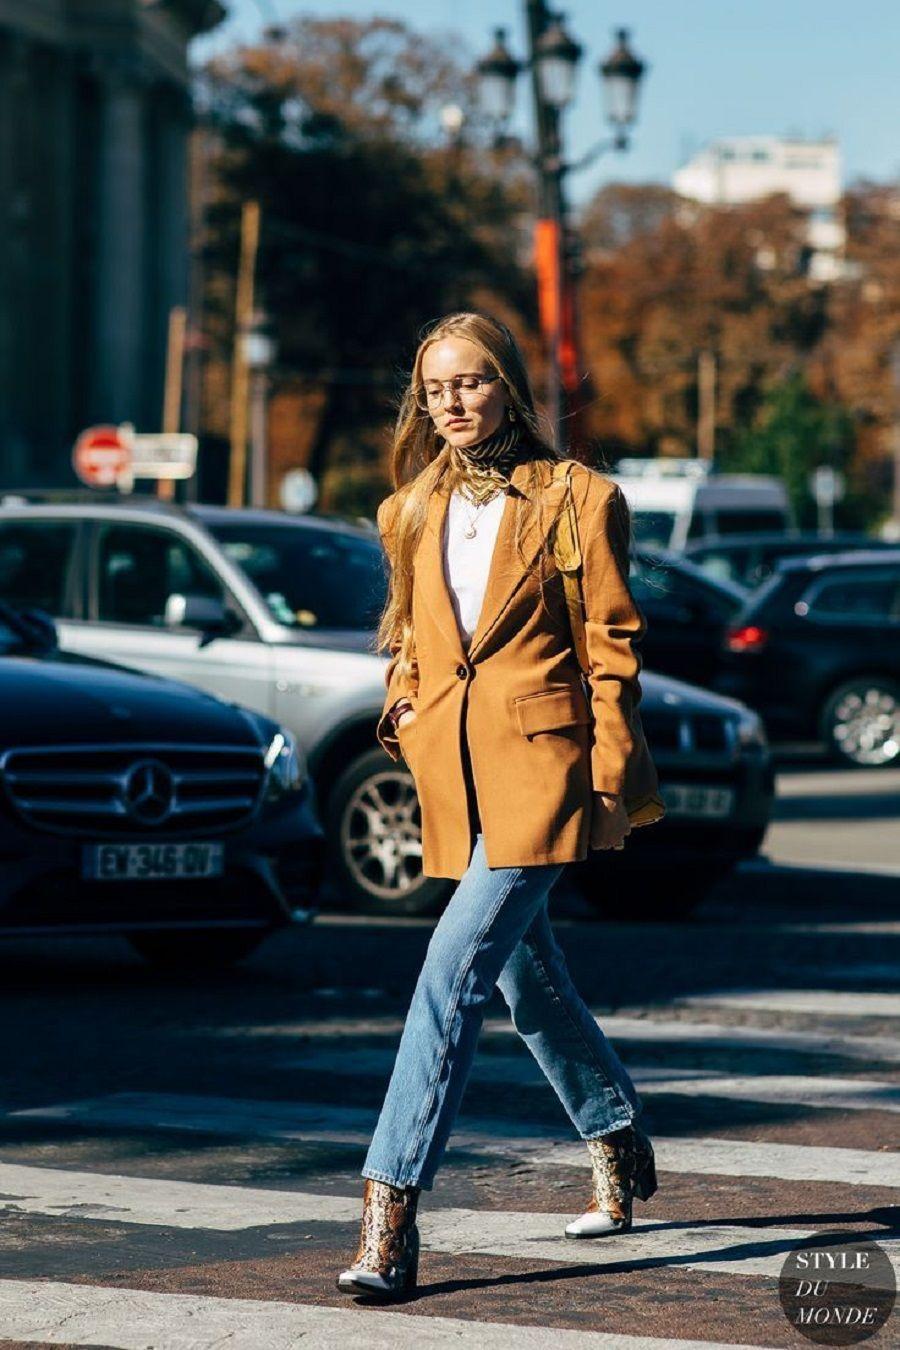 Cara Mengombinasikan Jeans dan Boots untuk Sehari-hari